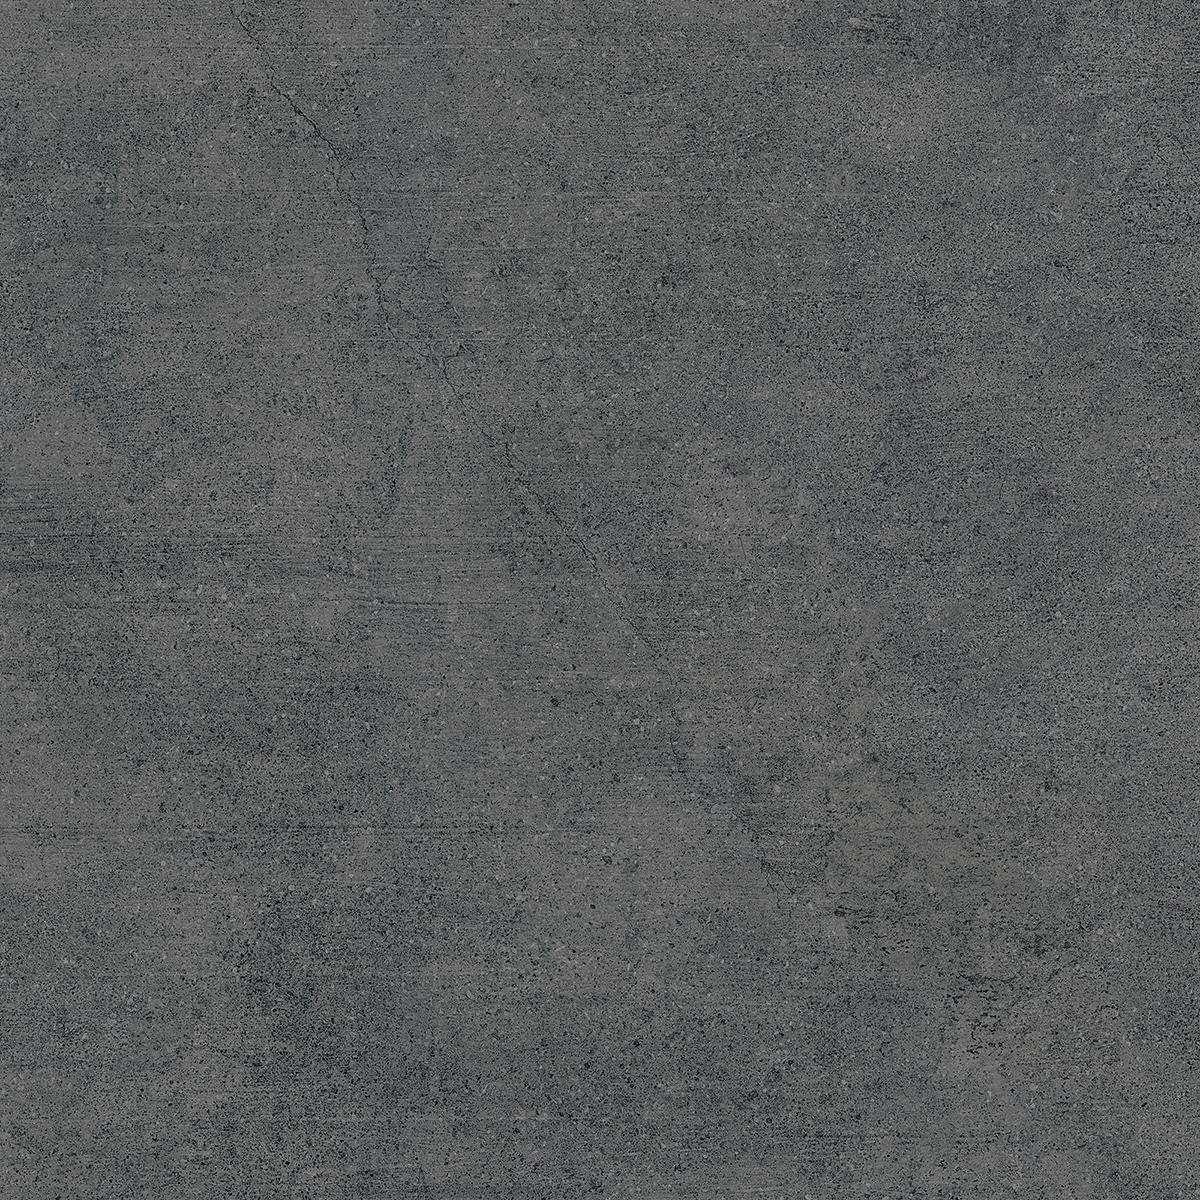 K945783R0001VTE0, Newcon, Tummanharmaa, lattia,pakkasenkesto